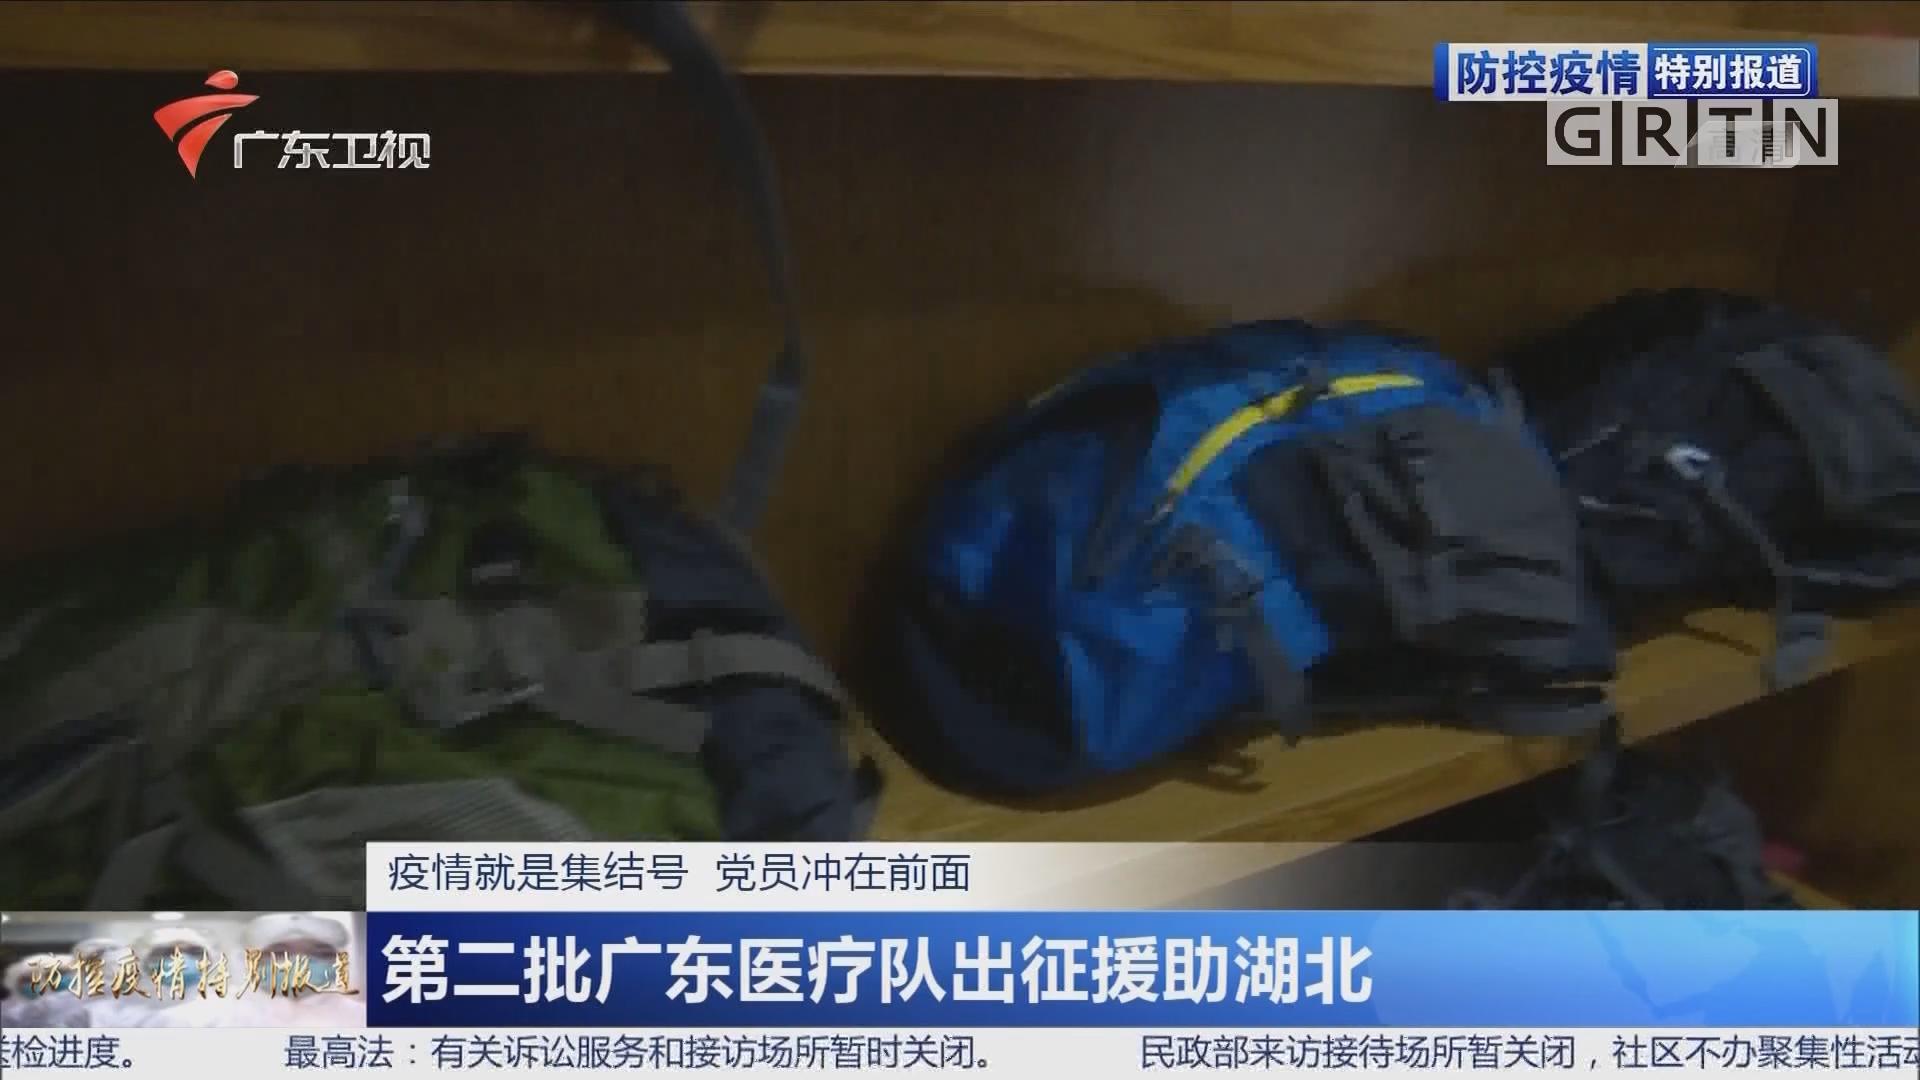 疫情就是集结号 党员冲在前面 第二批广东医疗队出征援助湖北